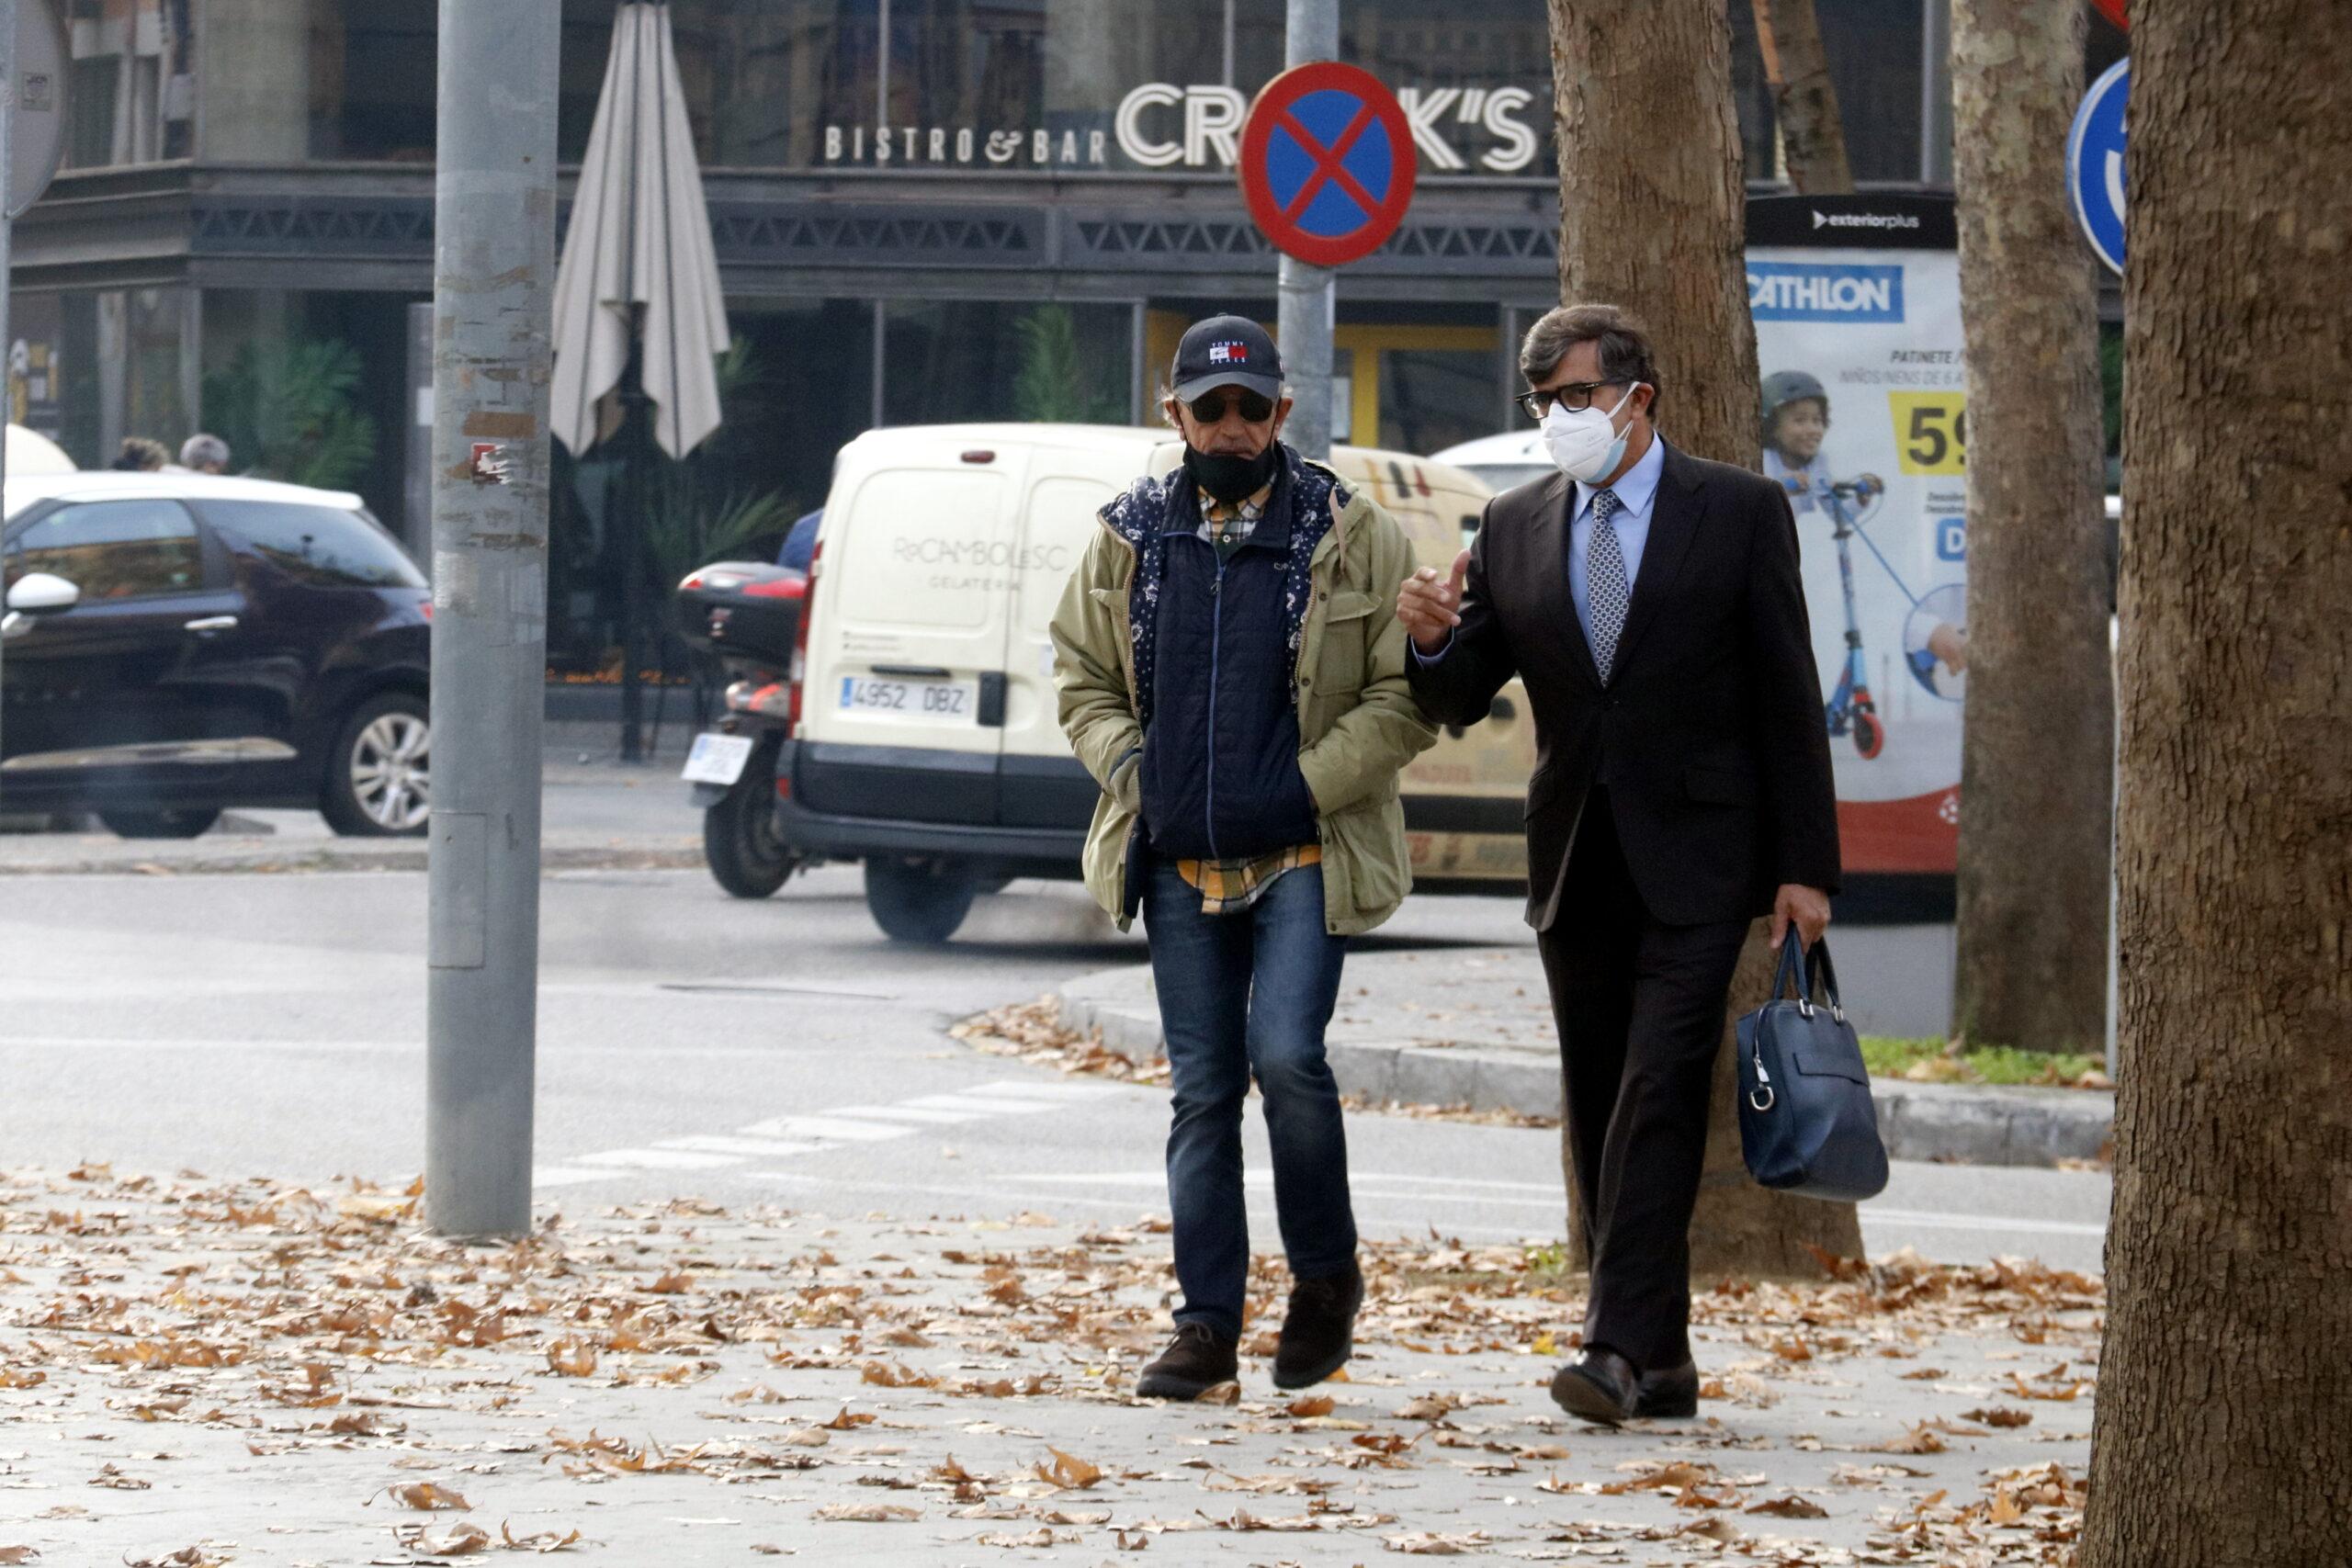 El professor de bateria investigat per abusos, acompanyat del seu advocat Carles Monguilod   ACN